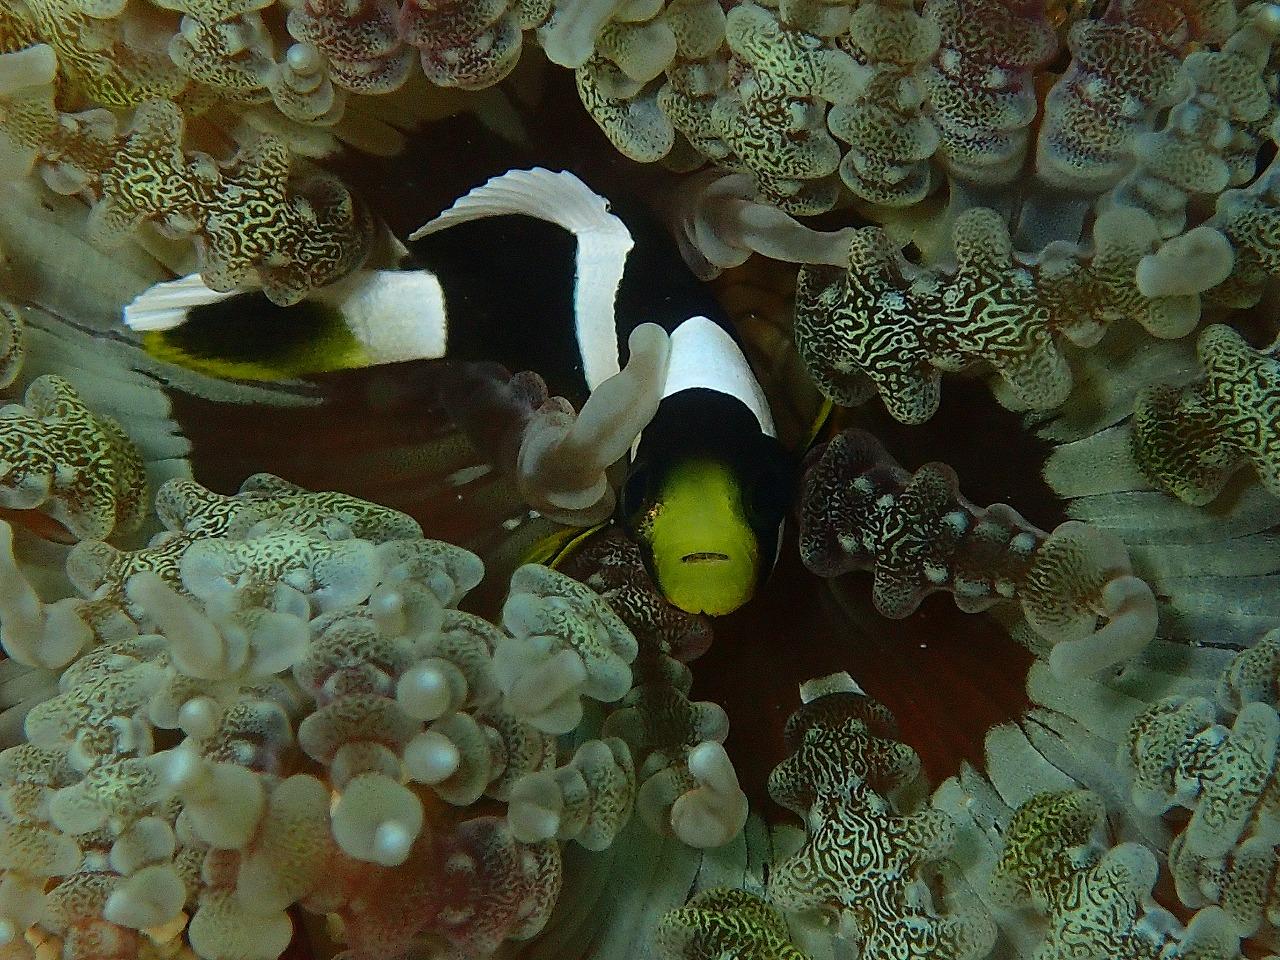 ハマクマノミ(幼魚)